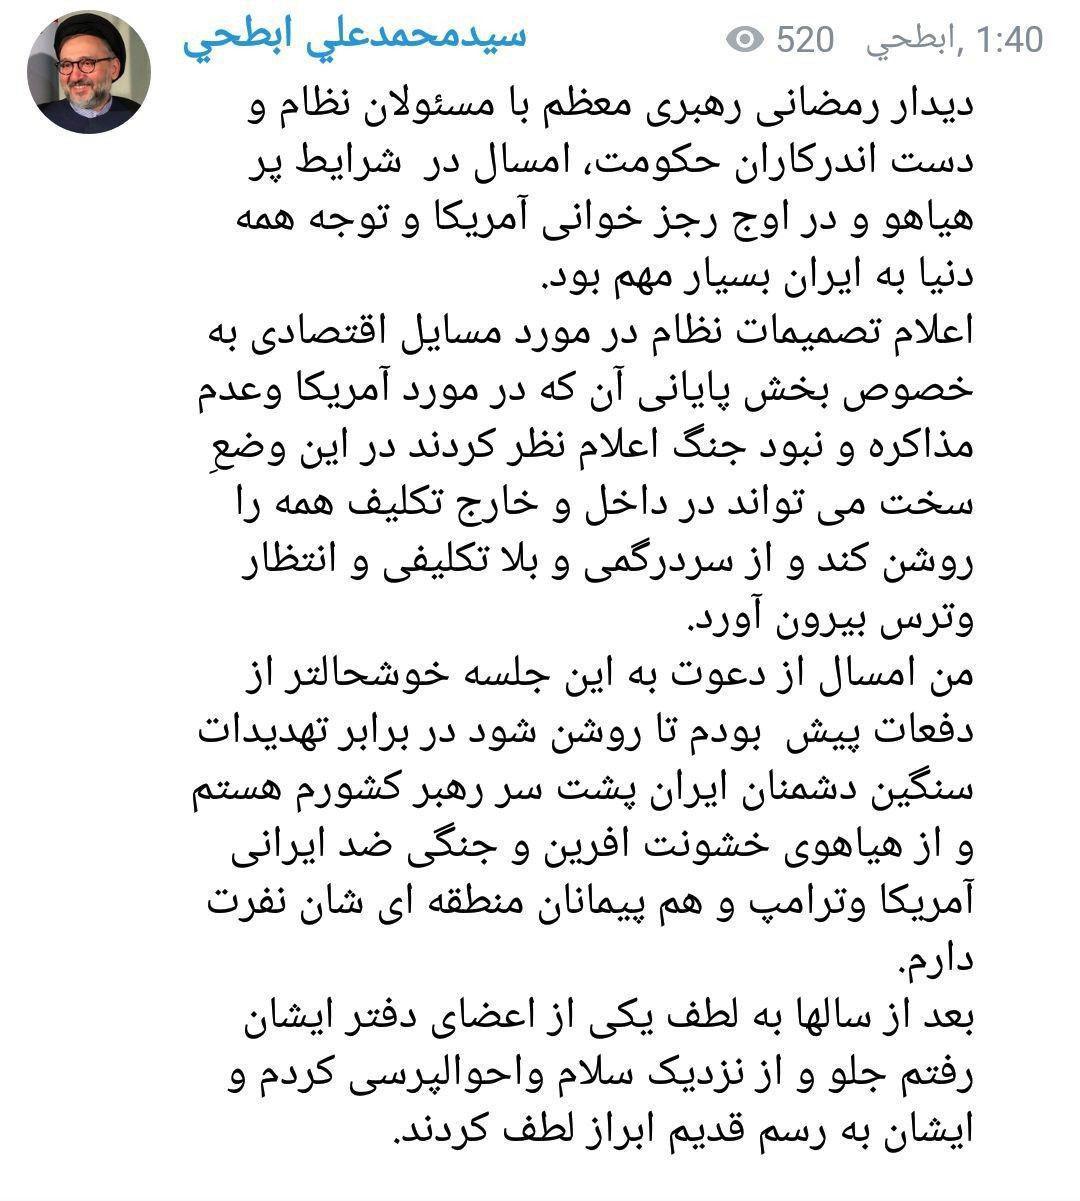 روایت ابطحی از دیدار شب گذشته با رهبر انقلاب